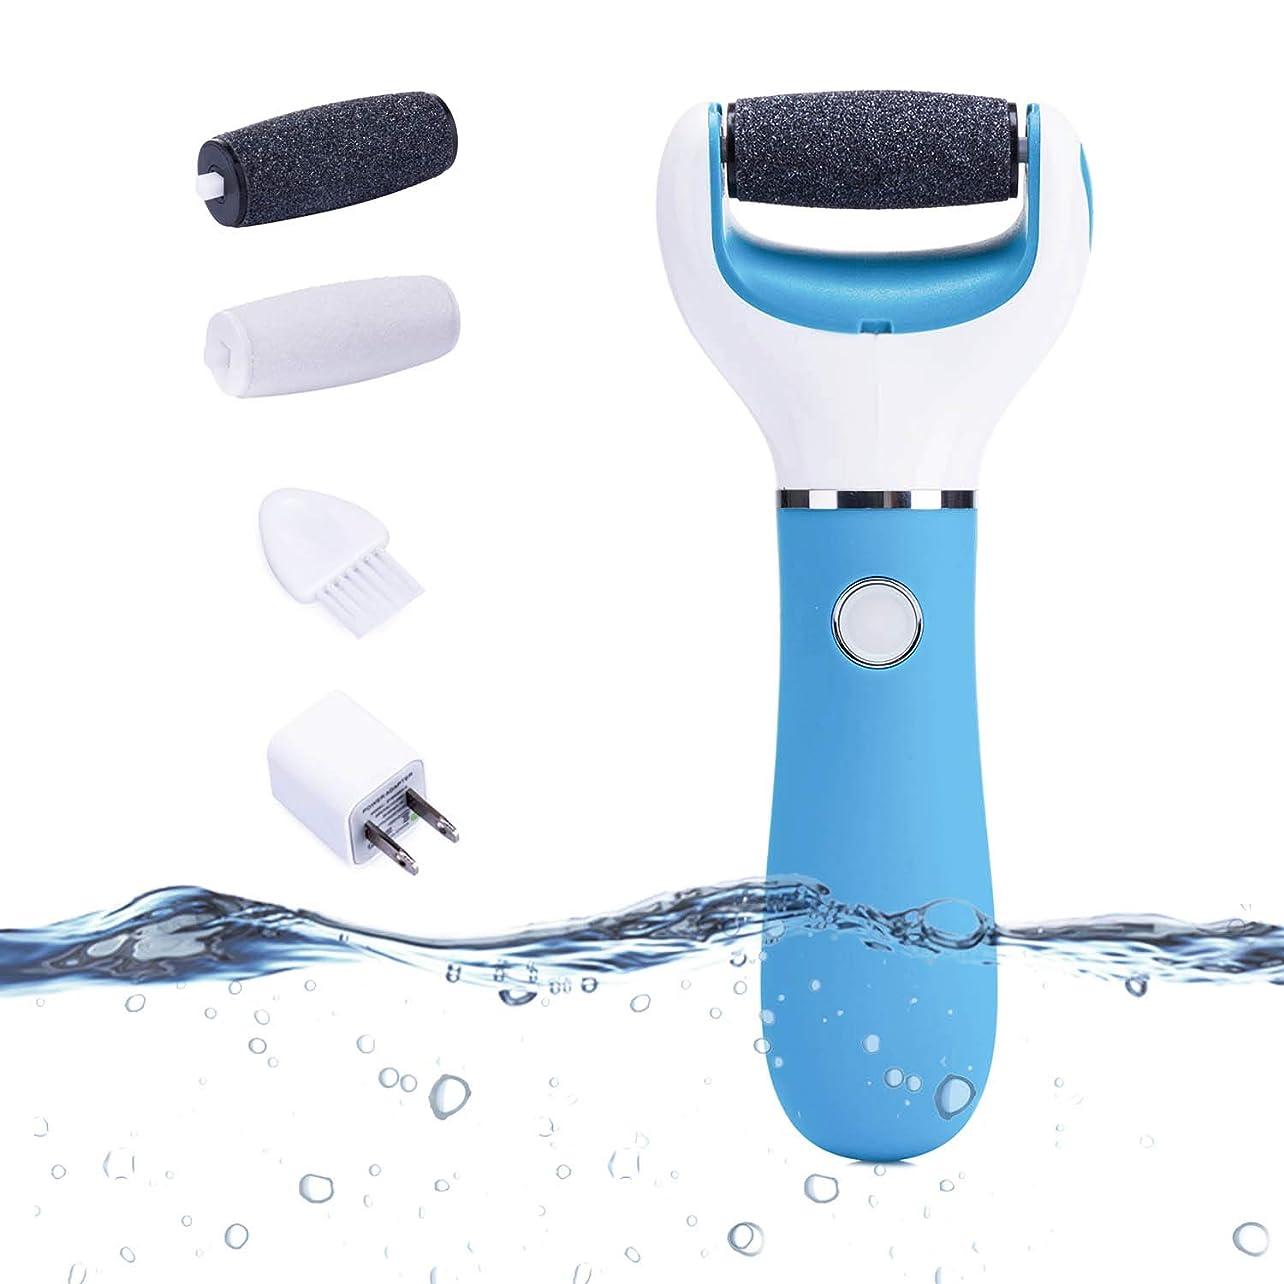 独立して累積錆びLionWell 電動角質リムーバー USB充電式 防水 足ケア 軽石 角質取り 角質除去 改良版ローラー 粗目/細目 2つ付き 快速/低速モード 爪磨き機能 水洗い可能 フットケア (ブルー?強化型)